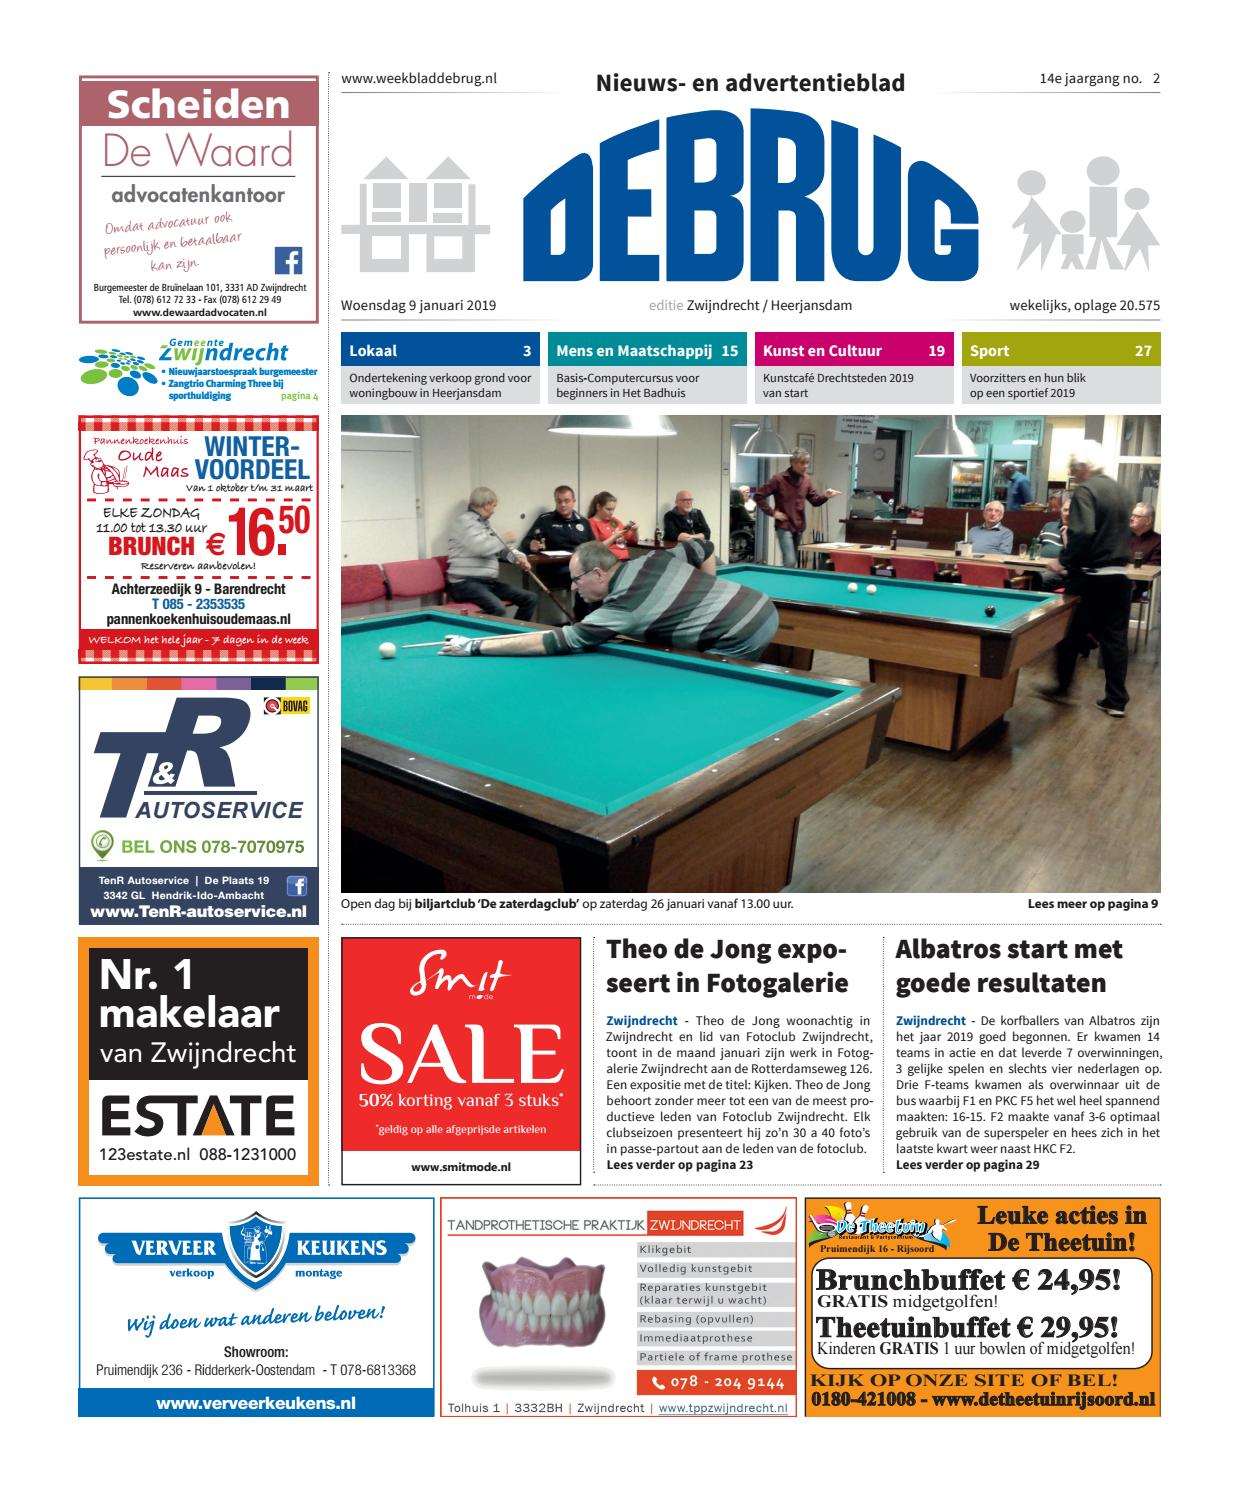 def70791374 Weekblad De Brug - week 2 2019 (editie Zwijndrecht)